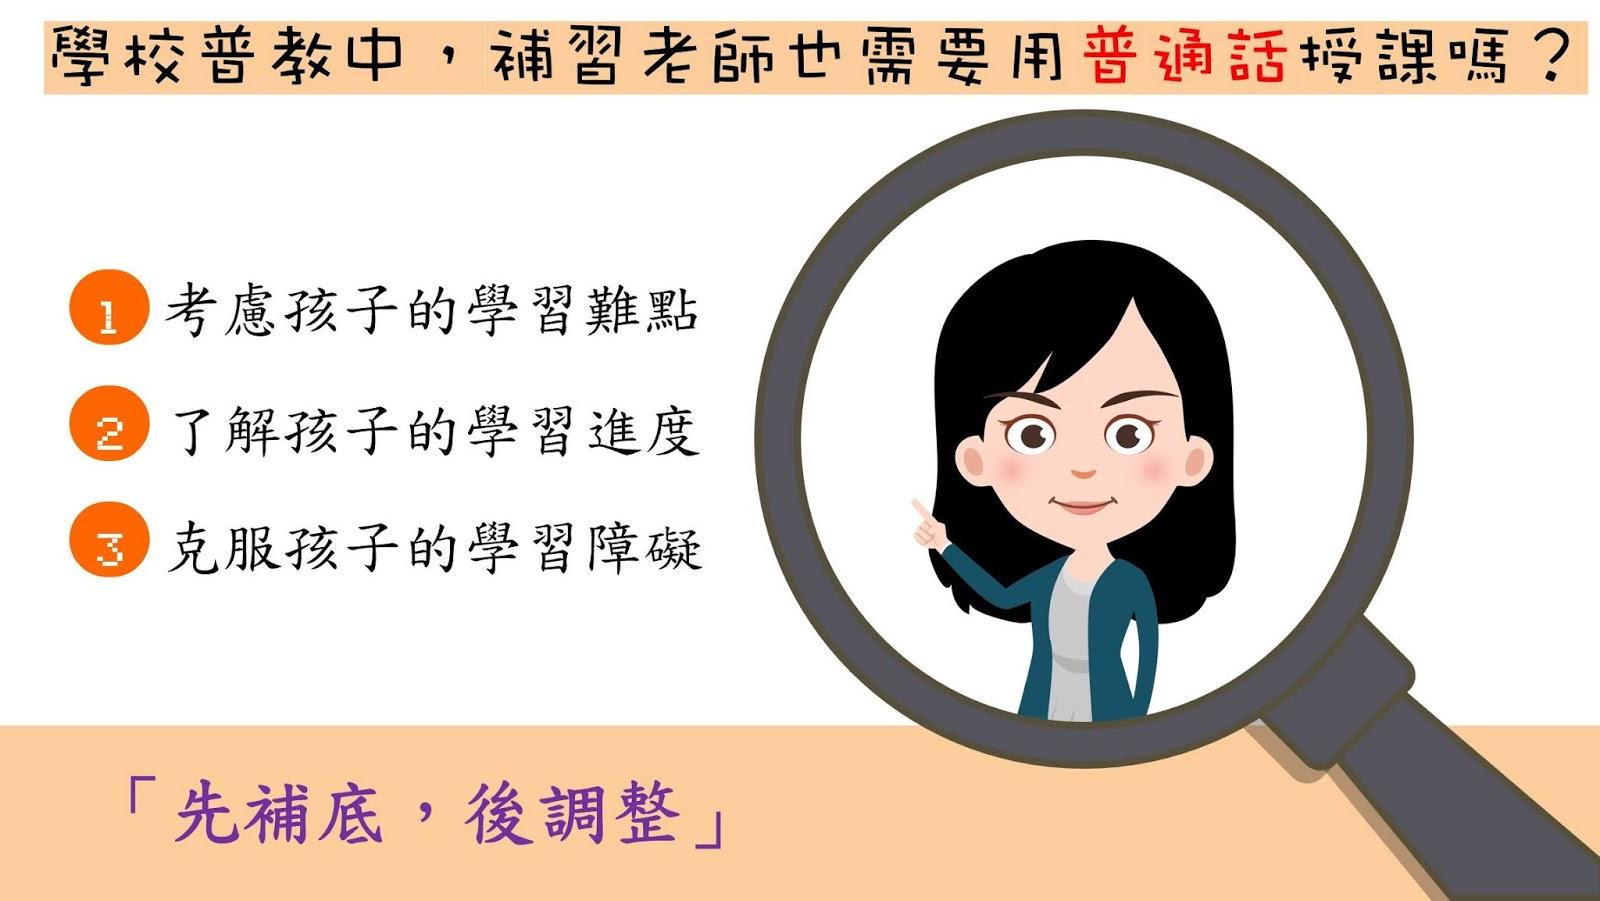 孩子學校用普通話作授課語言,補習老師也需要用普通話授課嗎?|家長心語|尤莉姐姐的反轉學堂